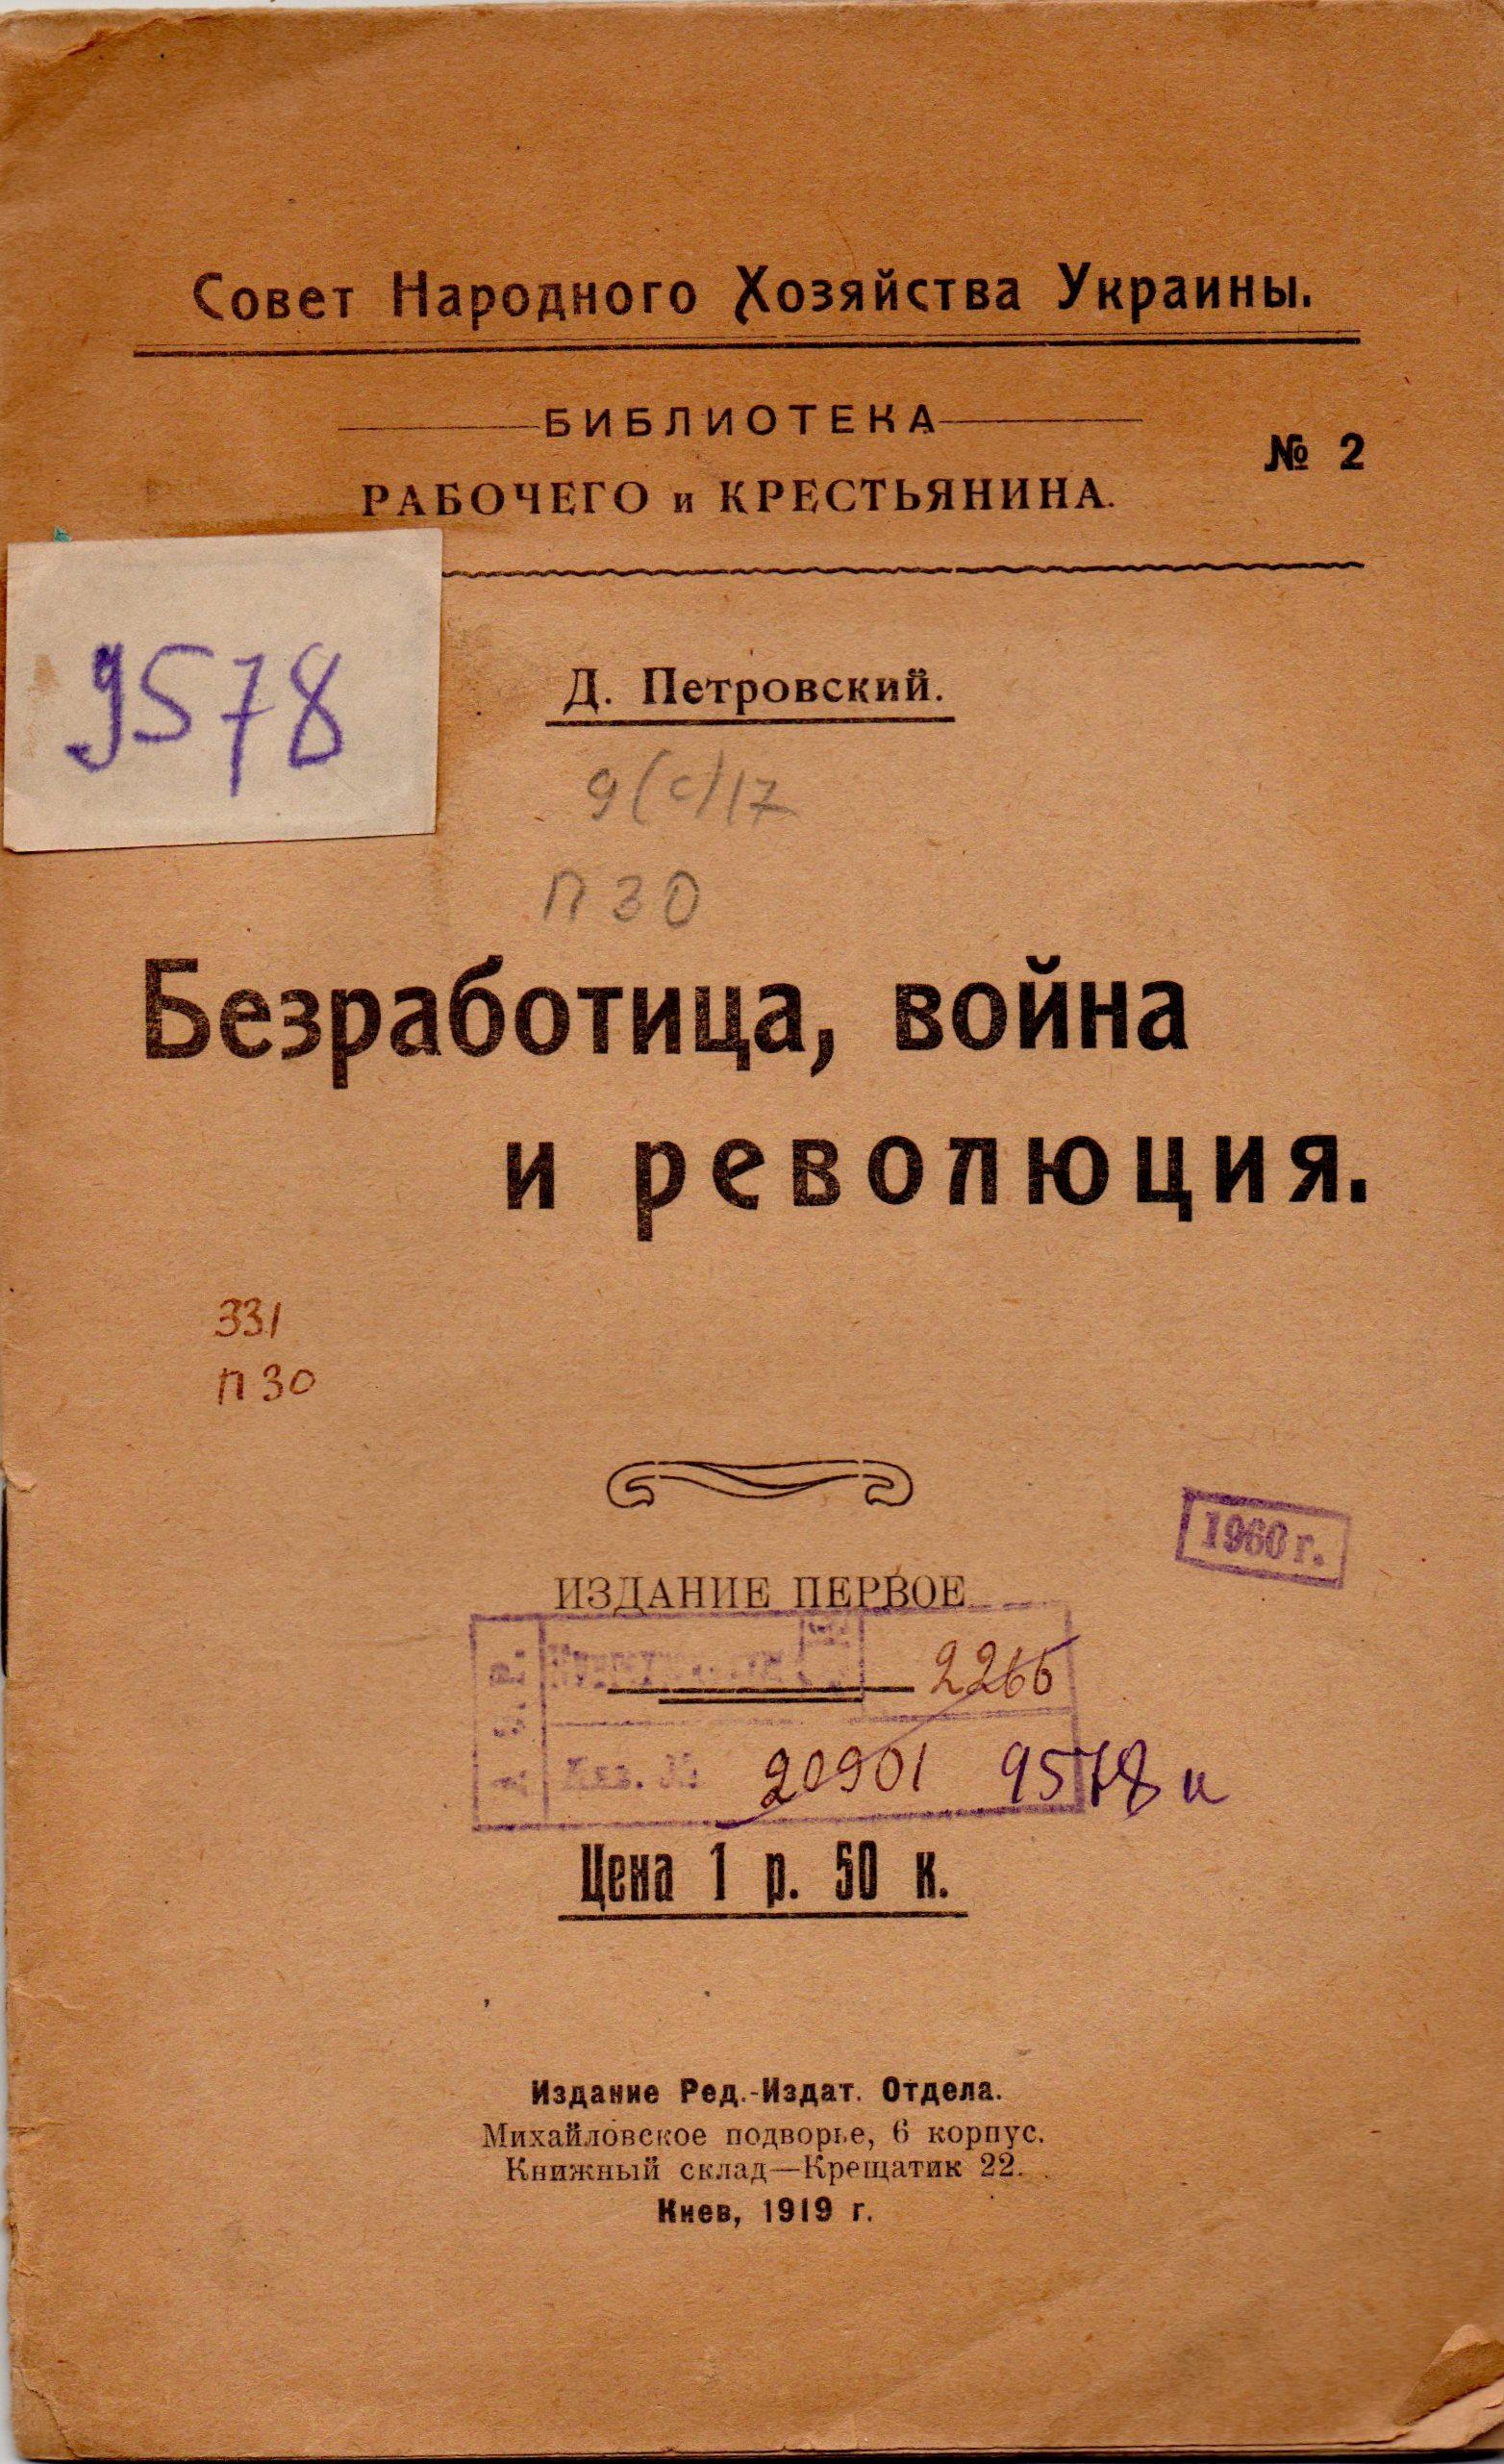 """Брошура """"Петровский Д. """"Безработица, война и революция"""""""